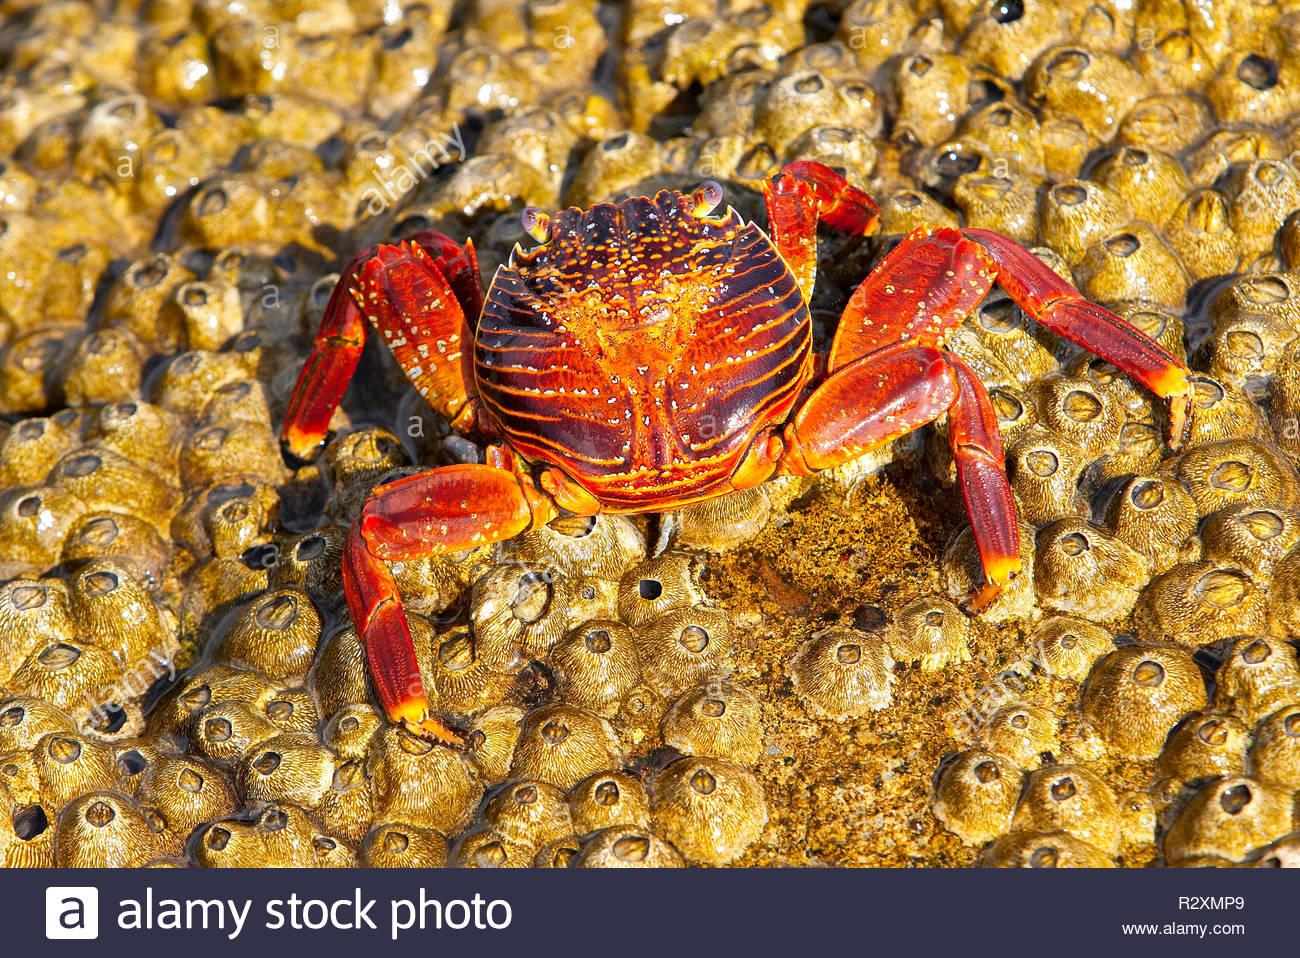 Sally lightfoot crab (Grapsus grapsus), on barnacles (Balanus balanoides). North Seymour Island, Galapagos Islands, Ecuador - Stock Image